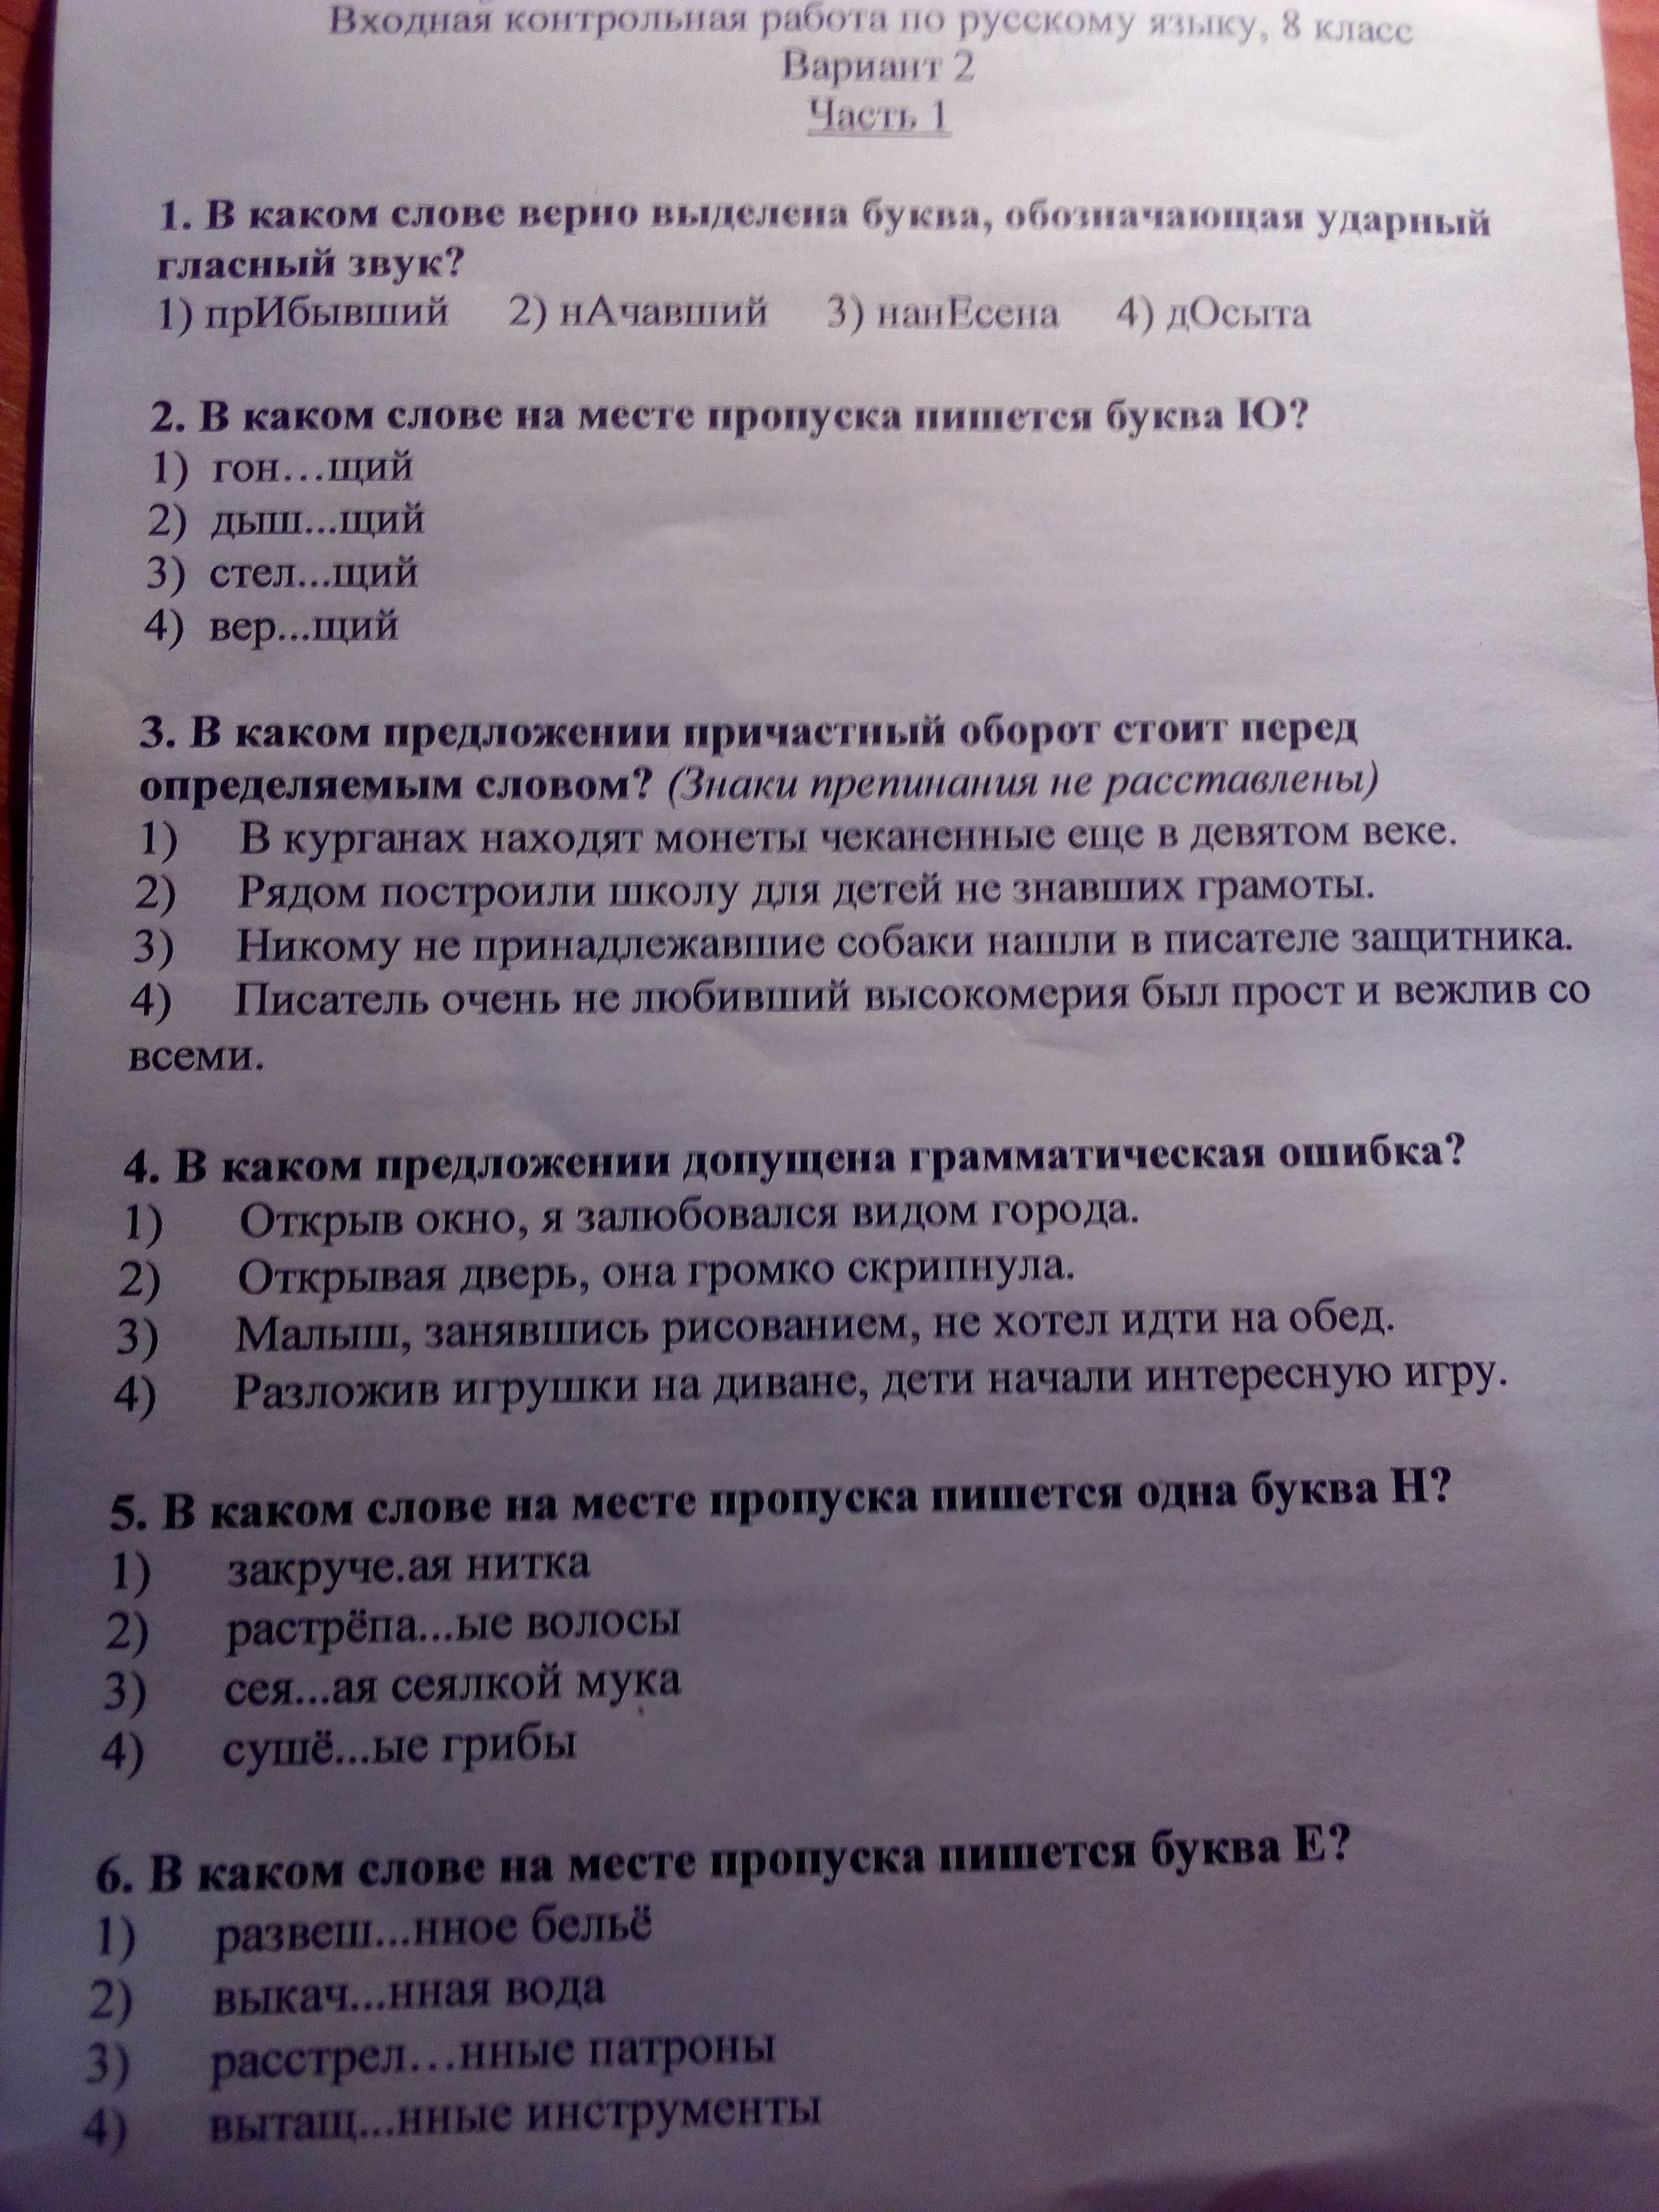 Русский язык 4 кл пнш входная контрольная работа 9130